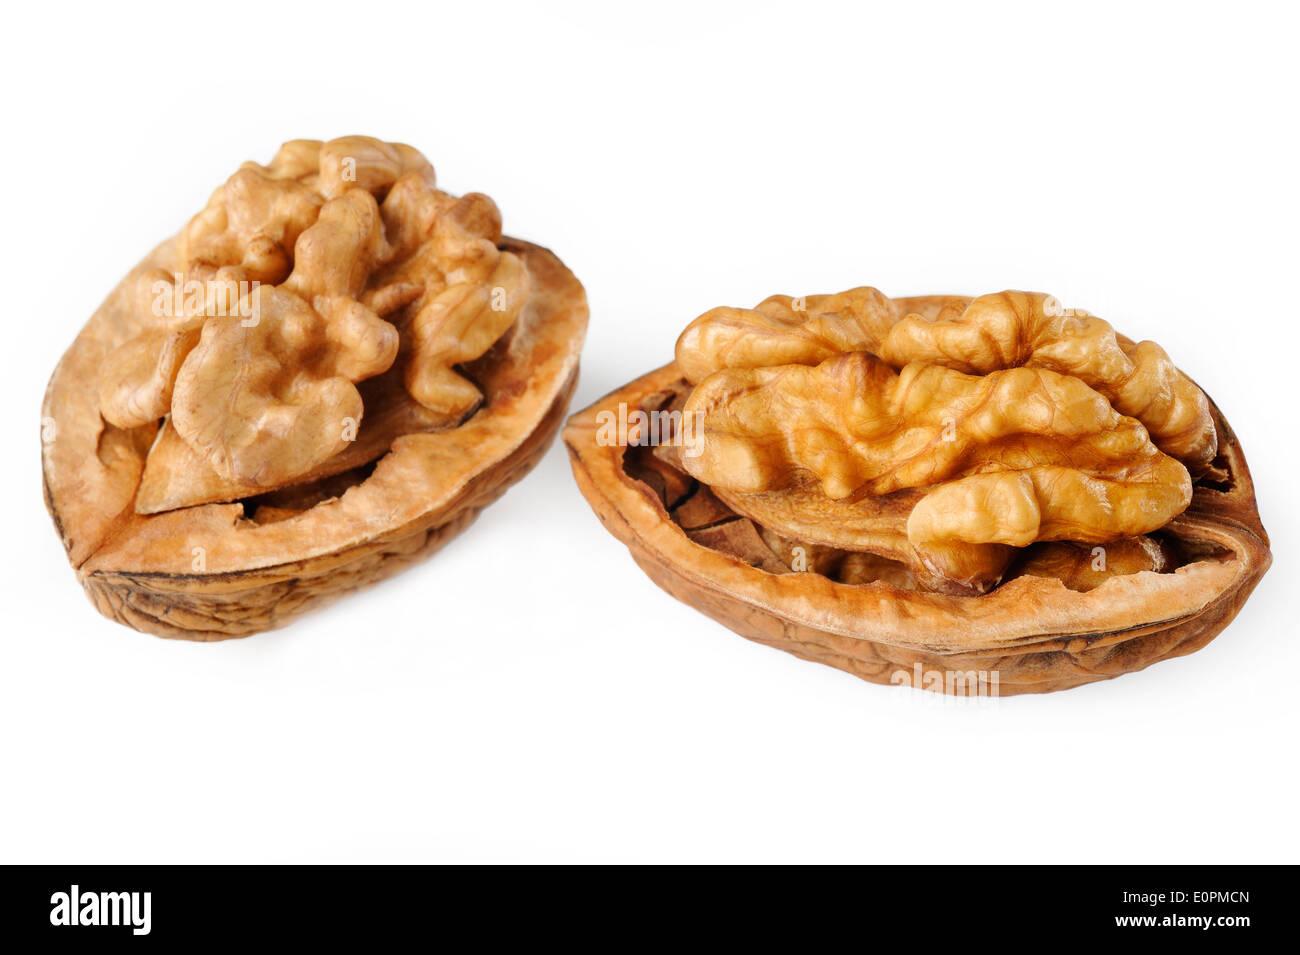 walnut on white background - Stock Image